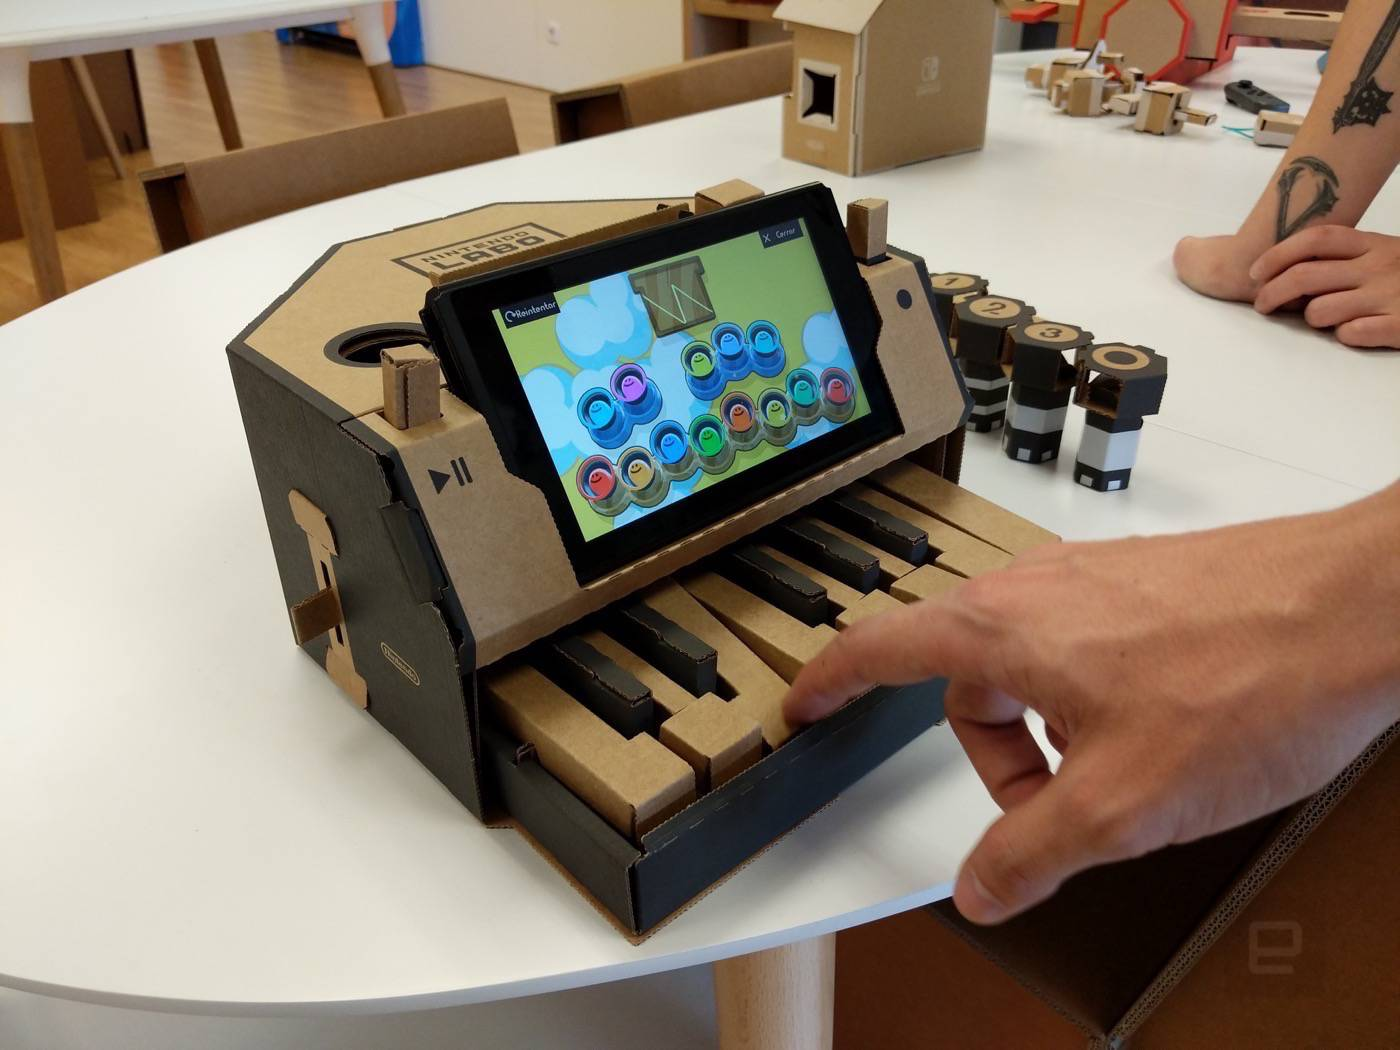 Nintendo Labo: Reinventando los juguetes desde la simpleza del cartón